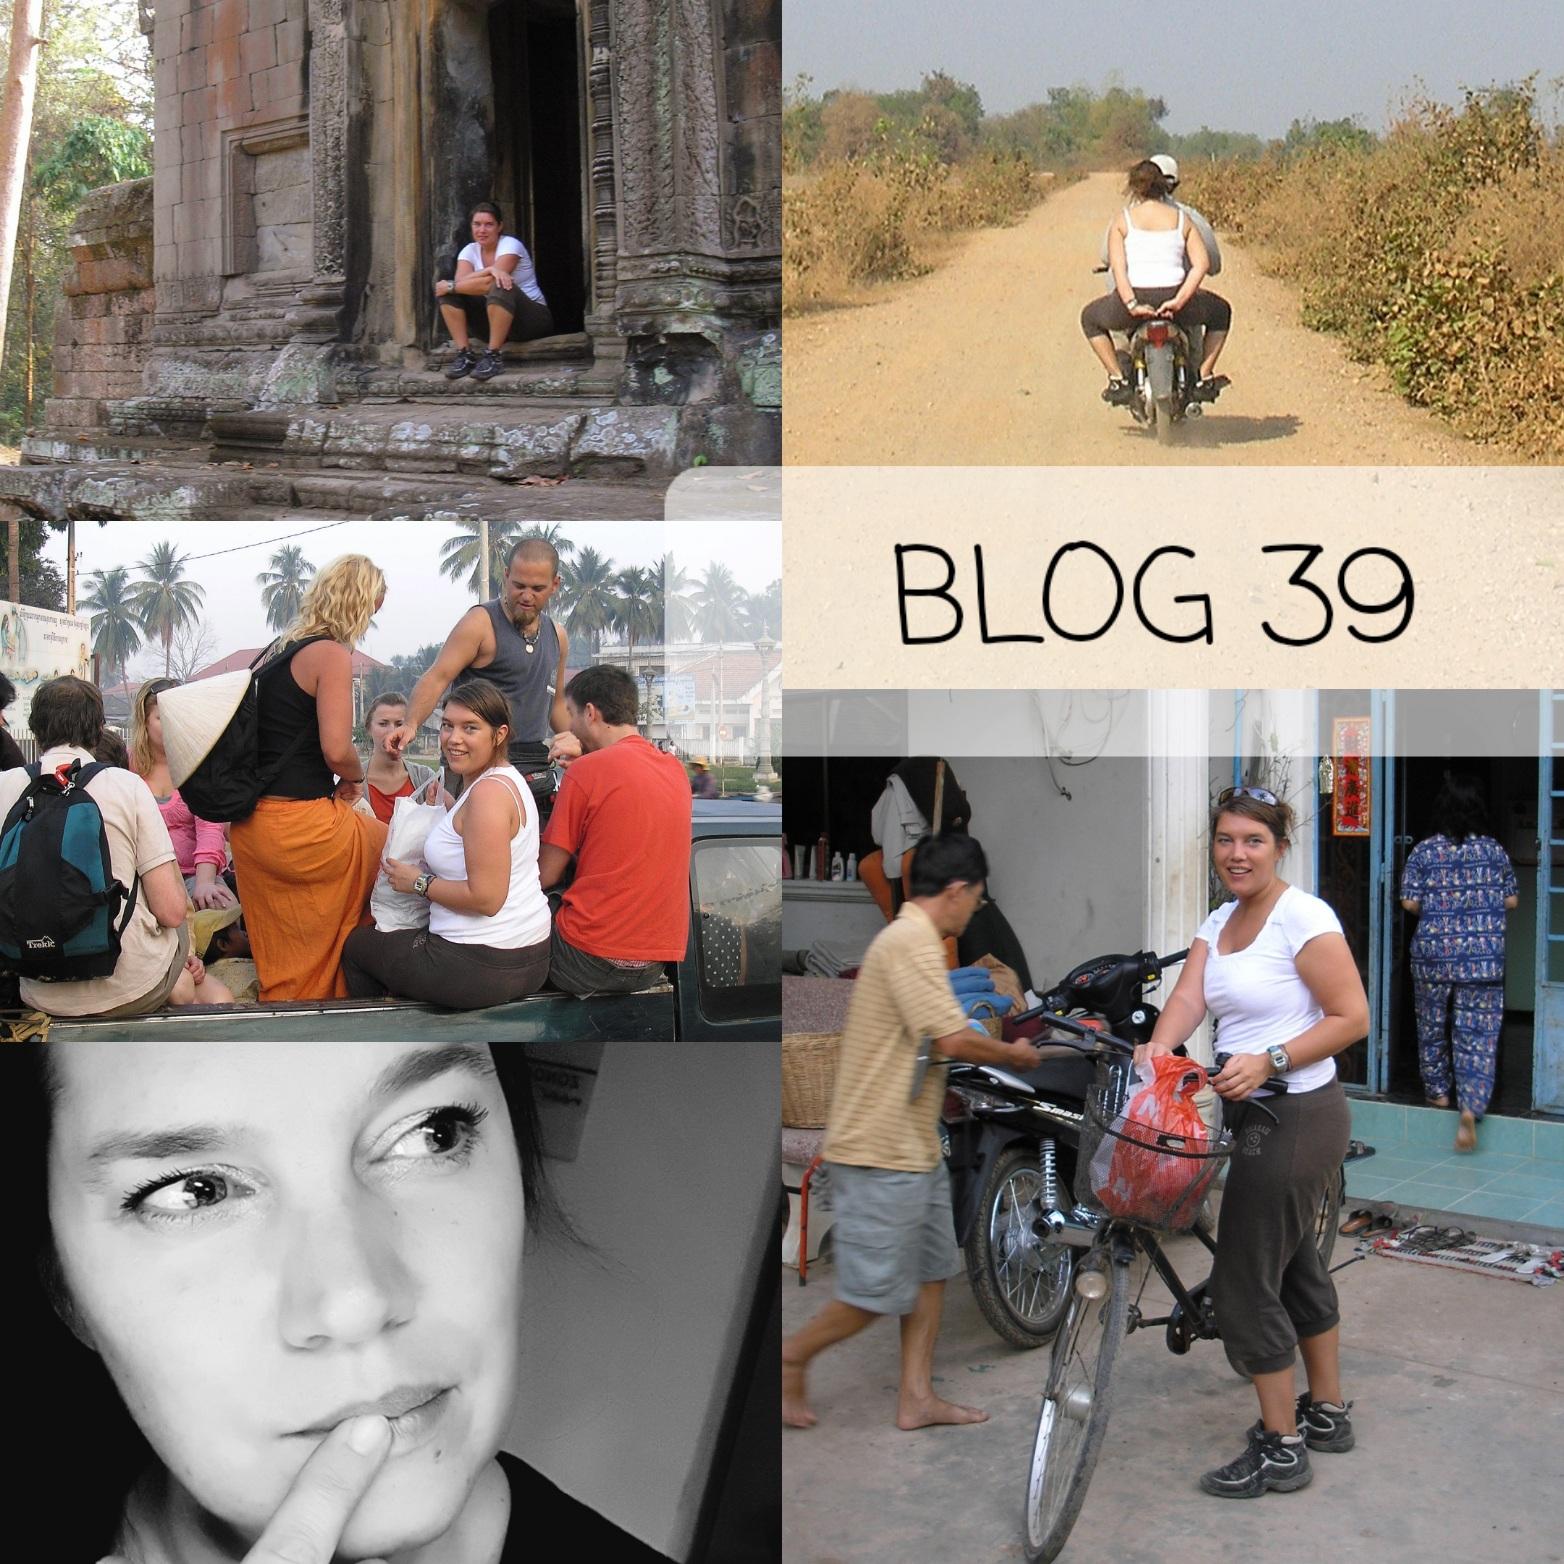 Blog 39 beknellende vicieuze cirkel van zelfafwijzing en onzekerheid bij mij in gang zet en die ben ik nou juist aan het doorbreken